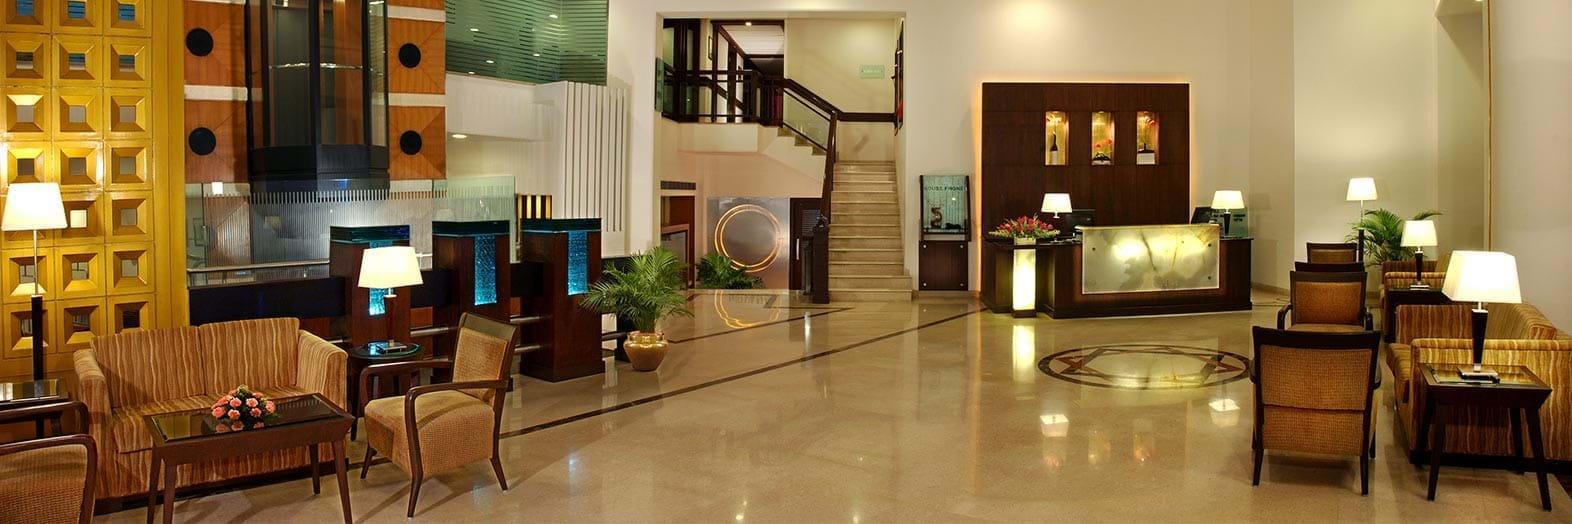 Hotels in Jammu  - Fortune Inn Riviera